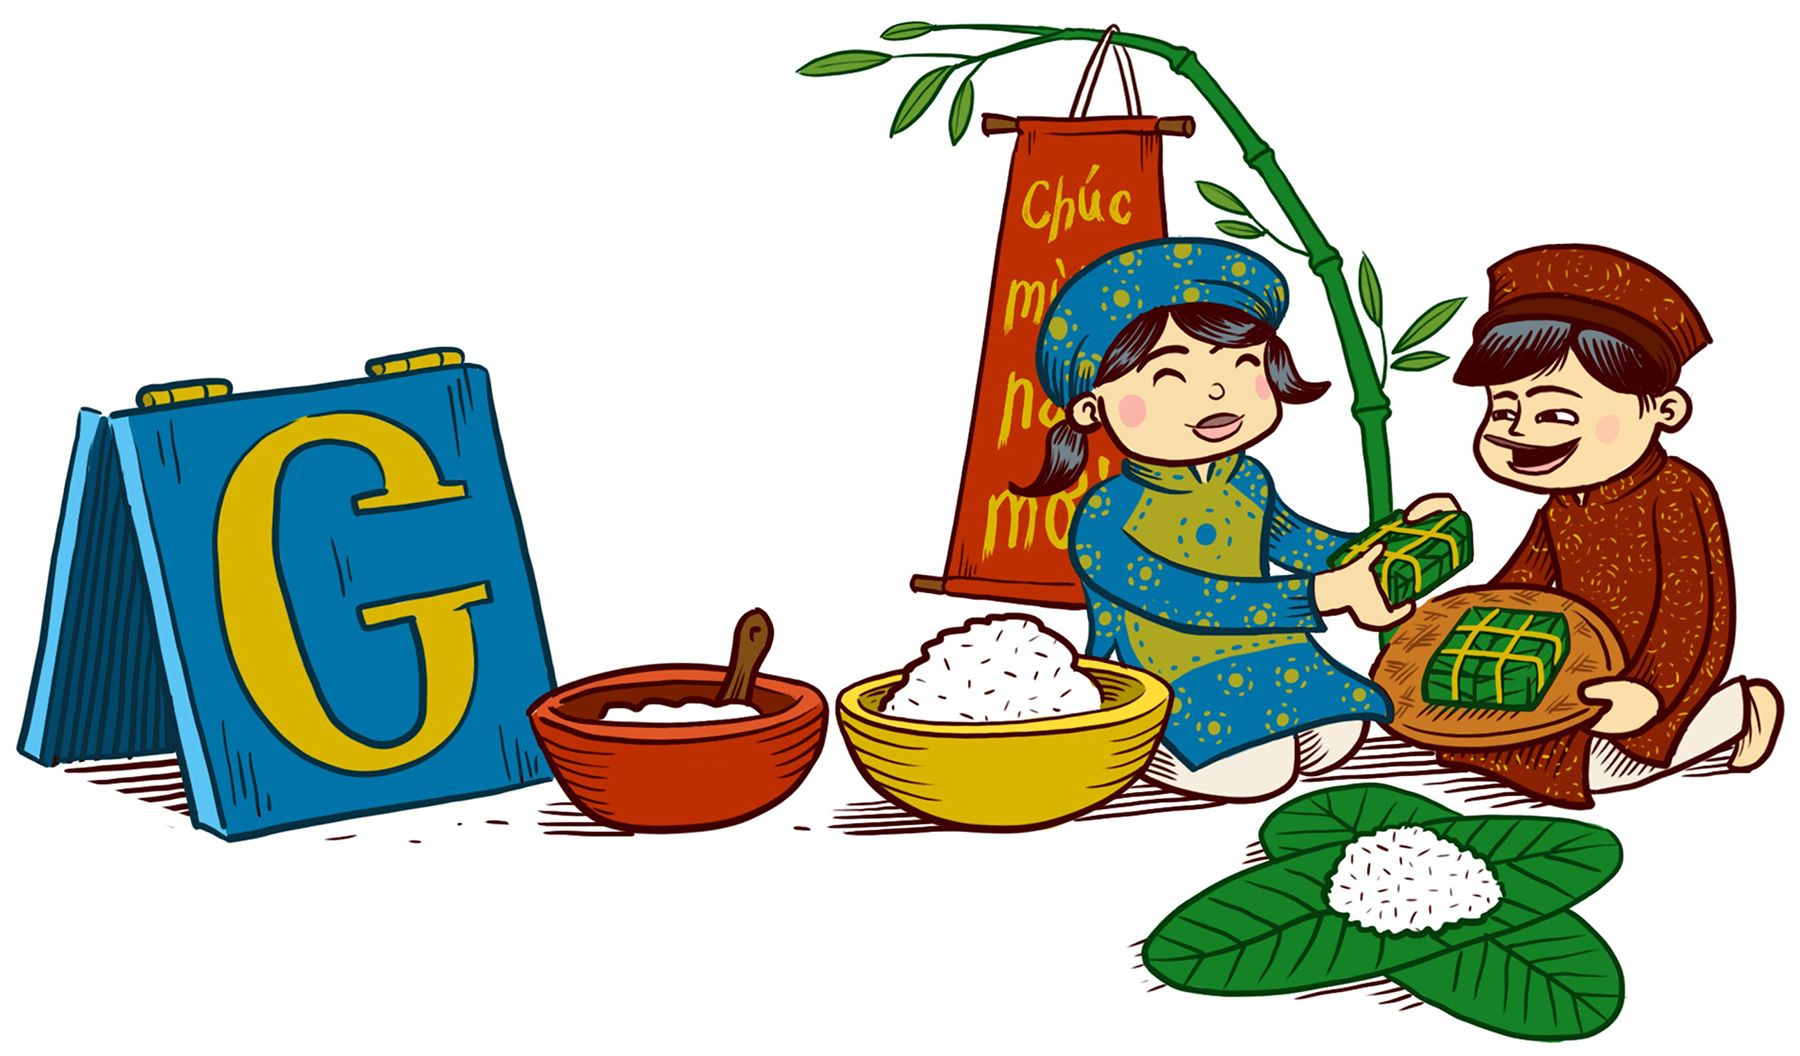 Lunar New Year 2013 Vietnam [Новый год по лунному